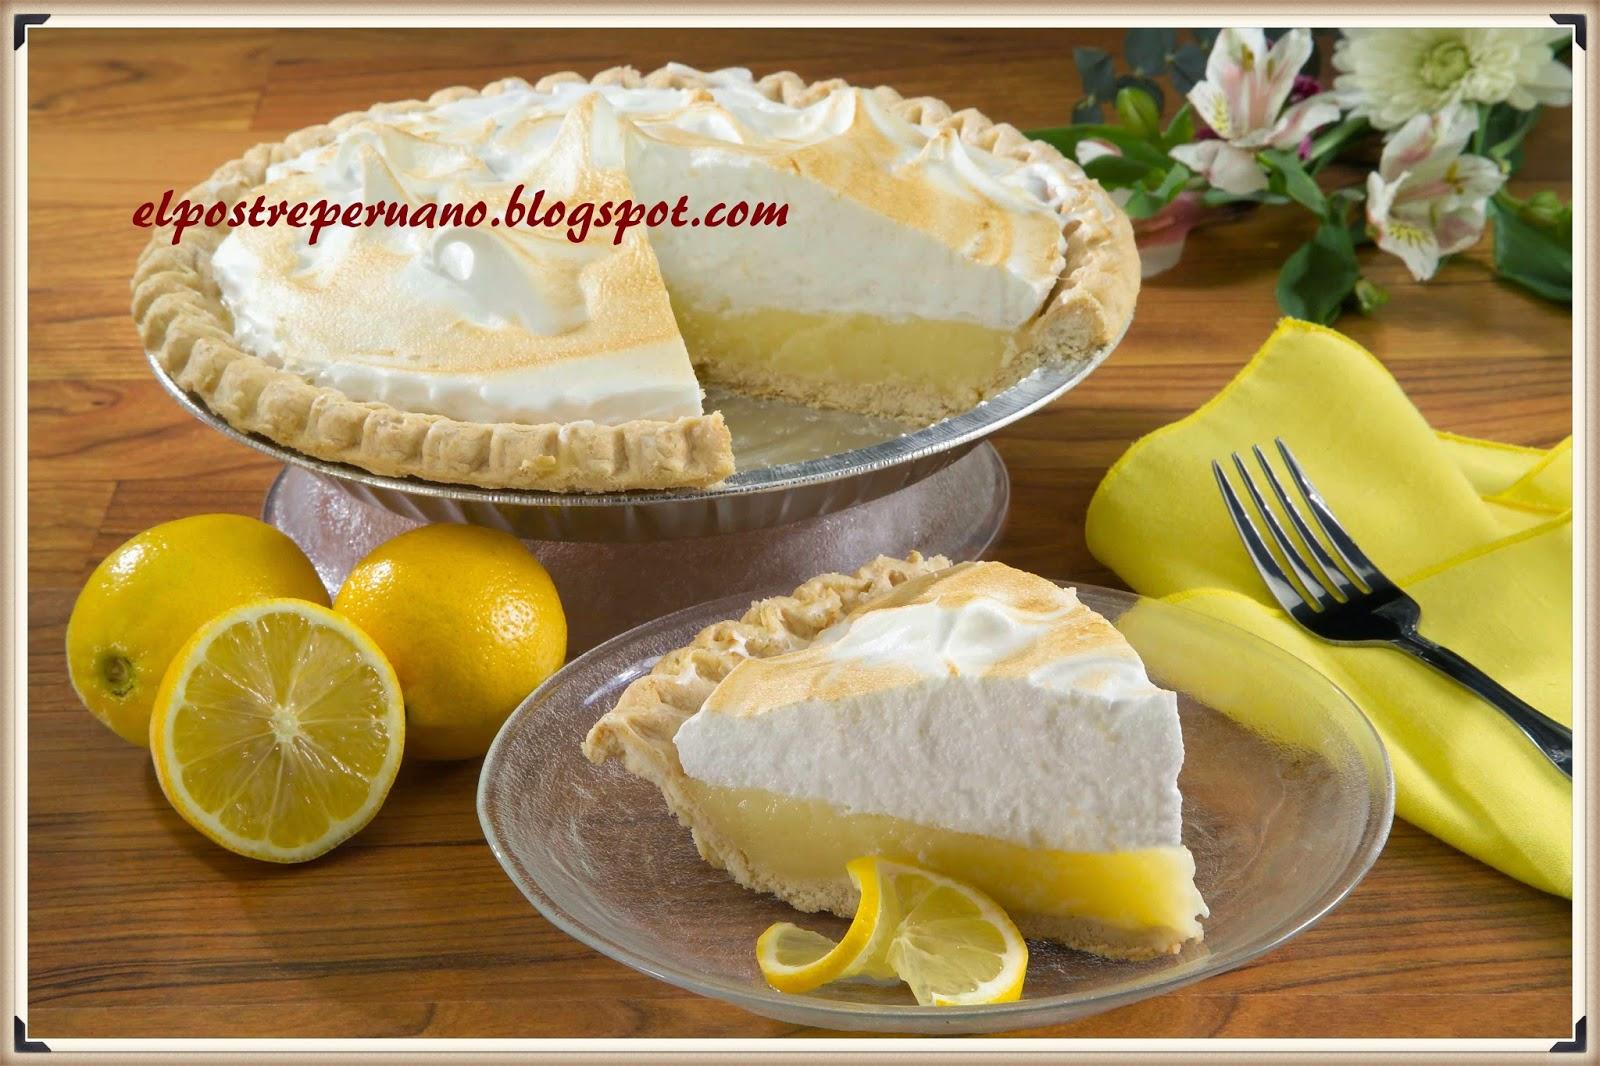 receta del pie de limón, postre sencillo y delicioso